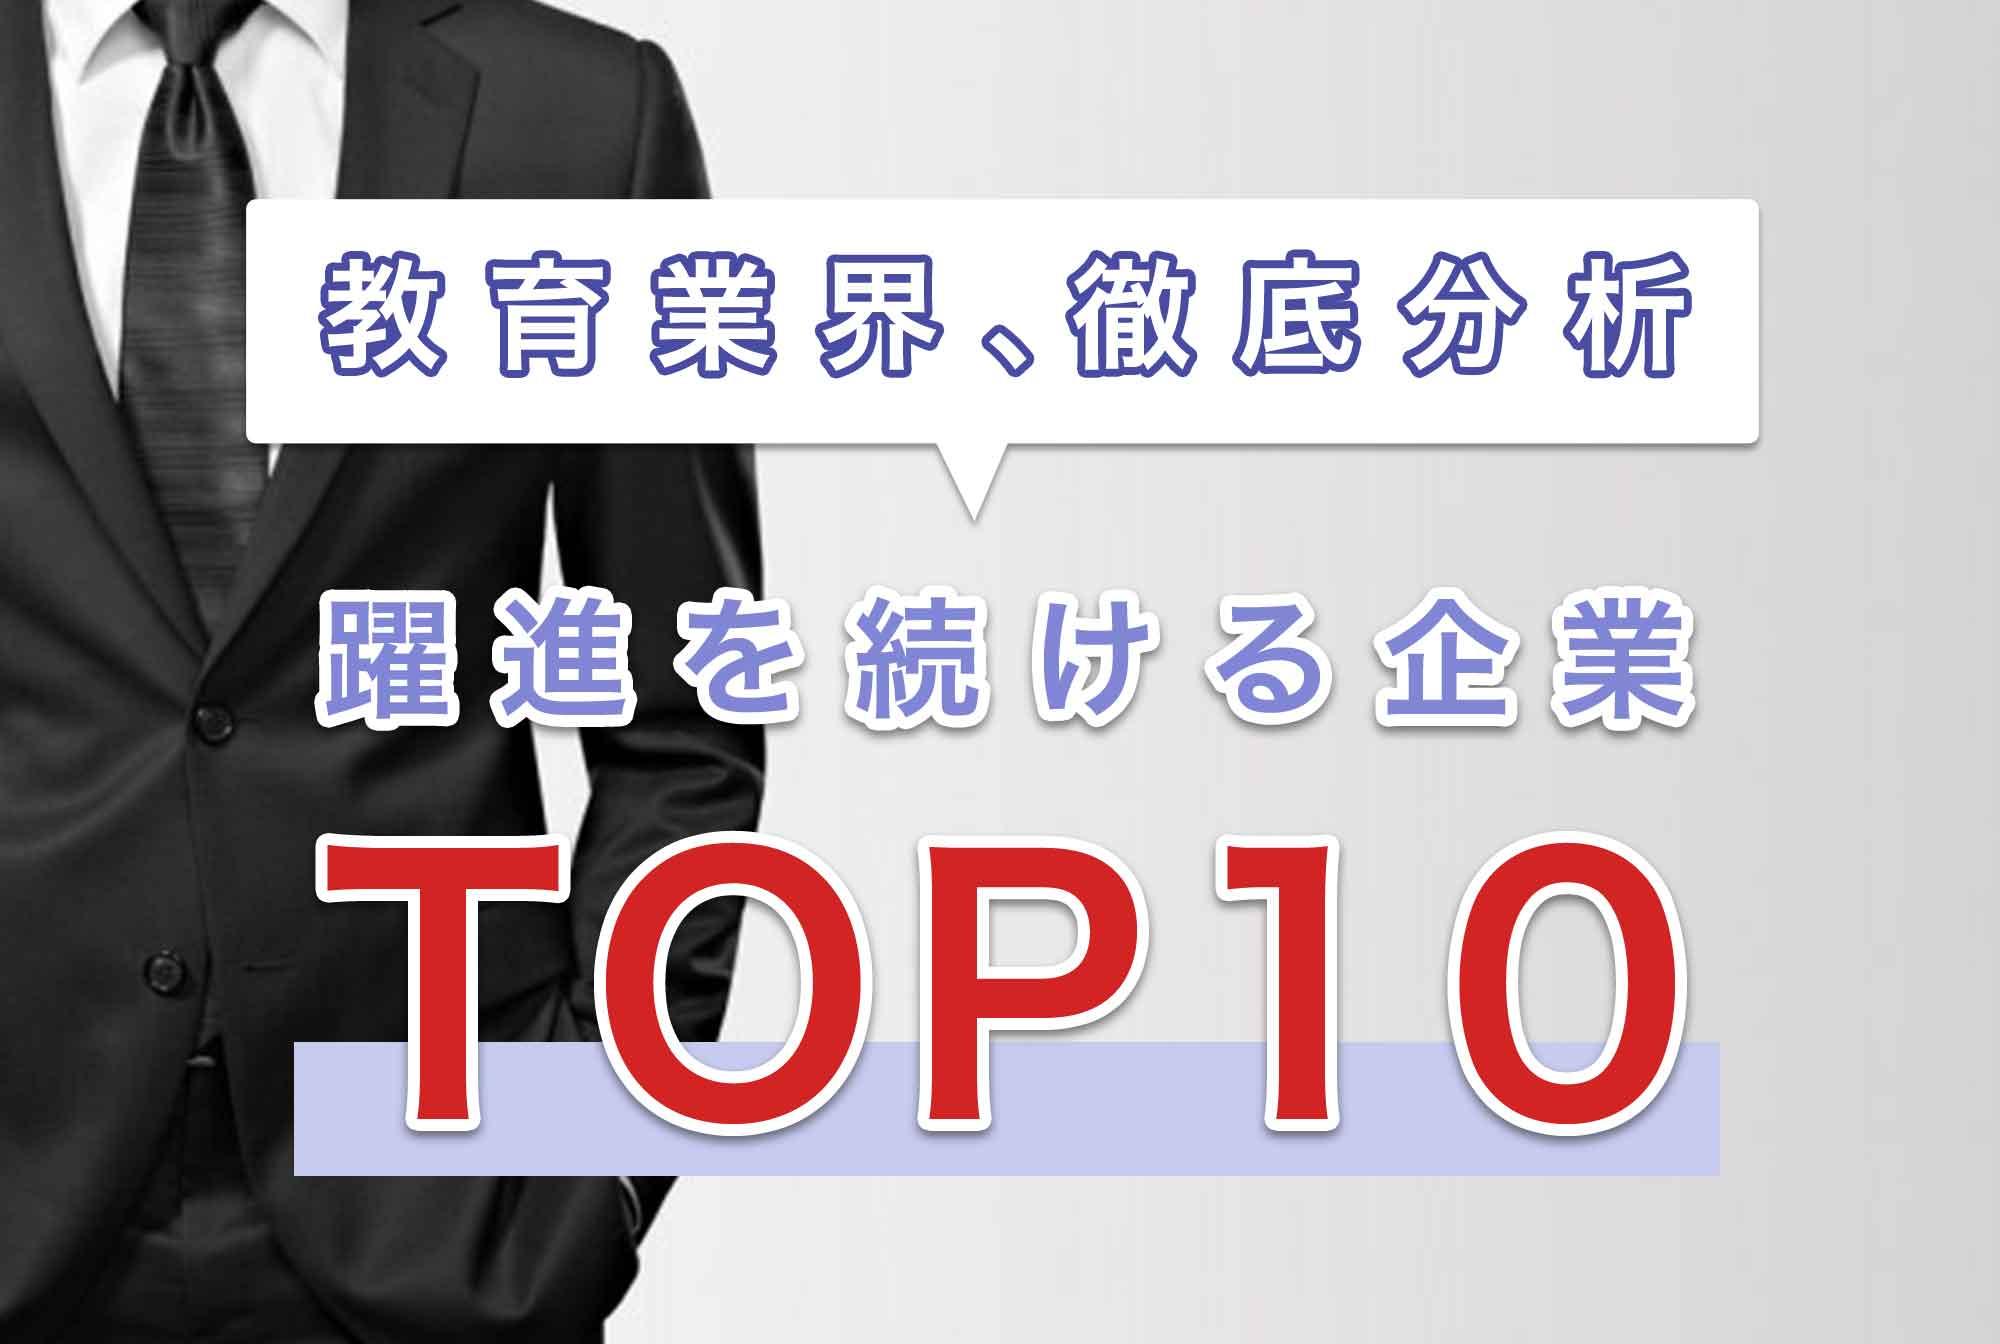 「教育」業界徹底分析!躍進を続ける企業ランキングTOP10